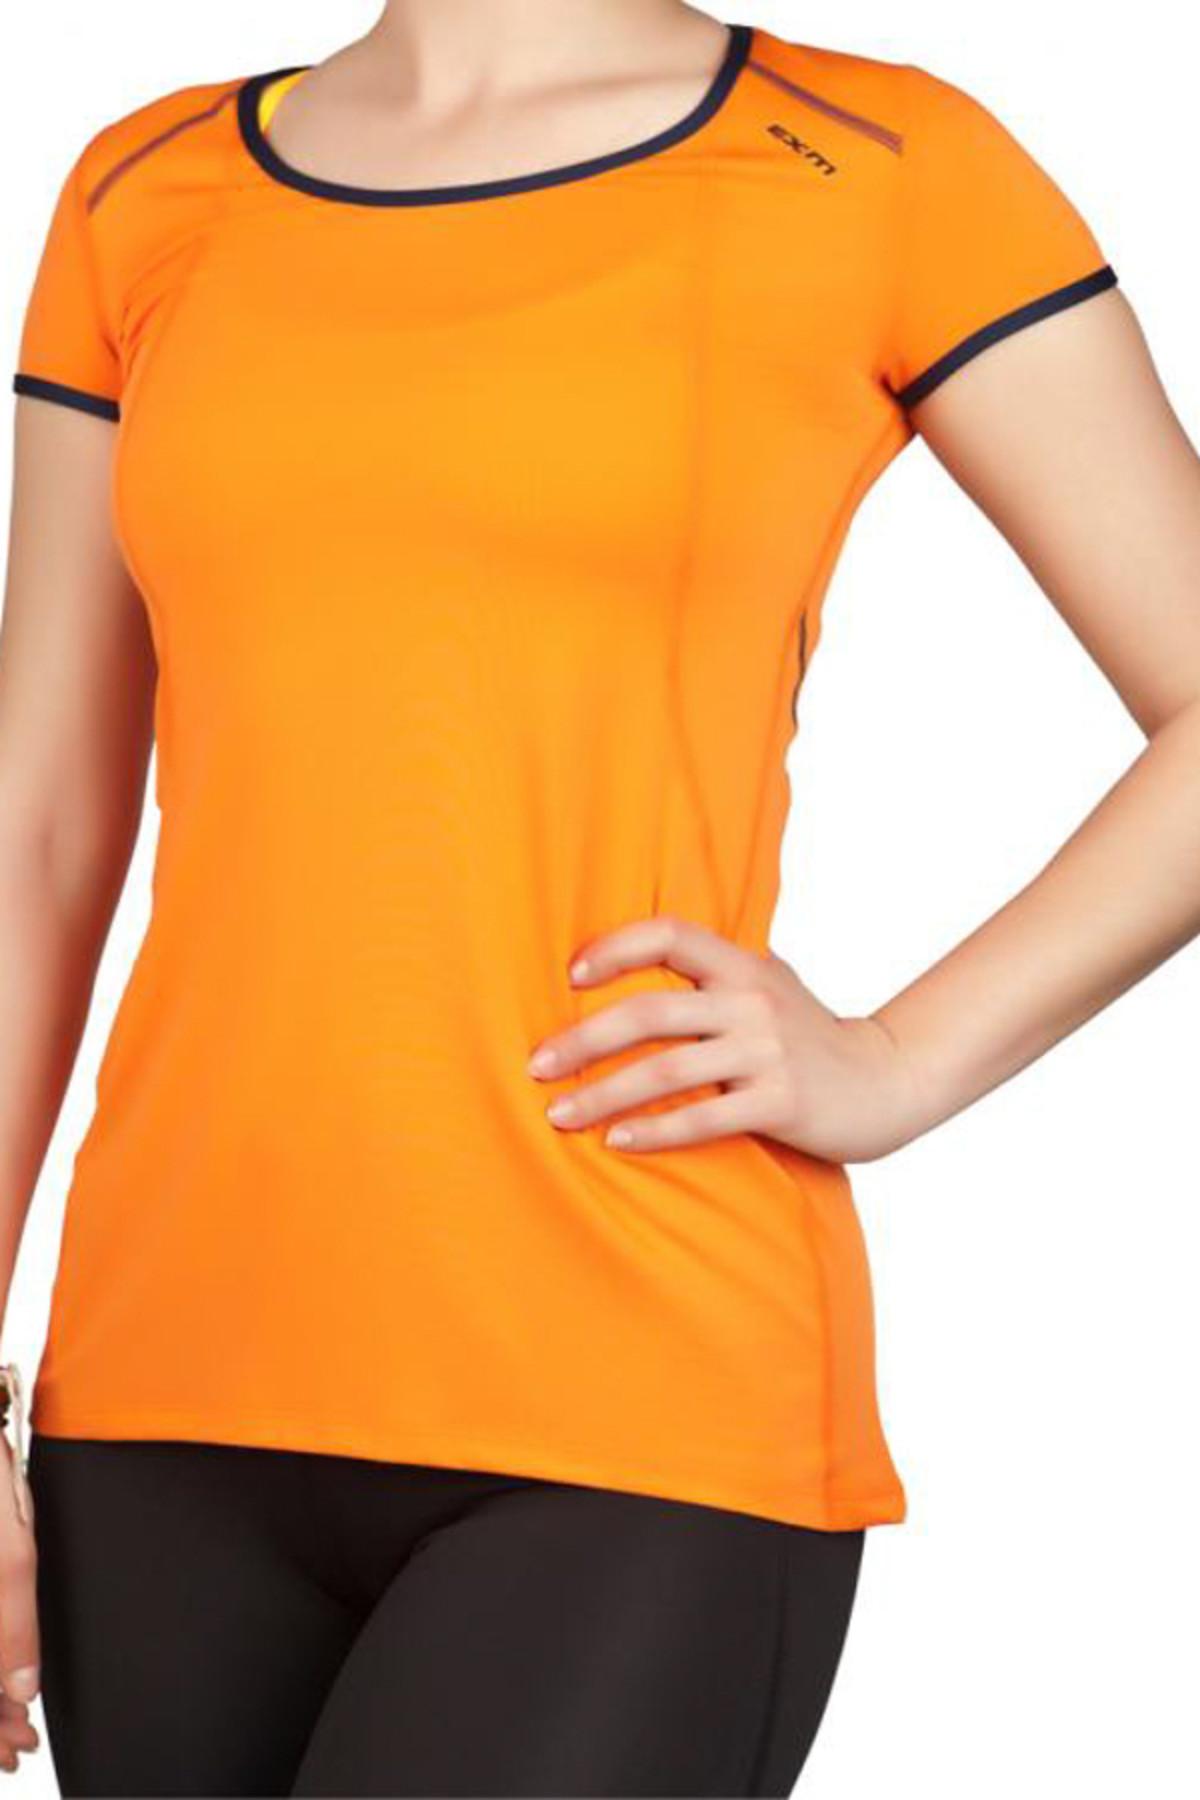 Exuma Kadın Turuncu Spor T-shirt - 142252 1